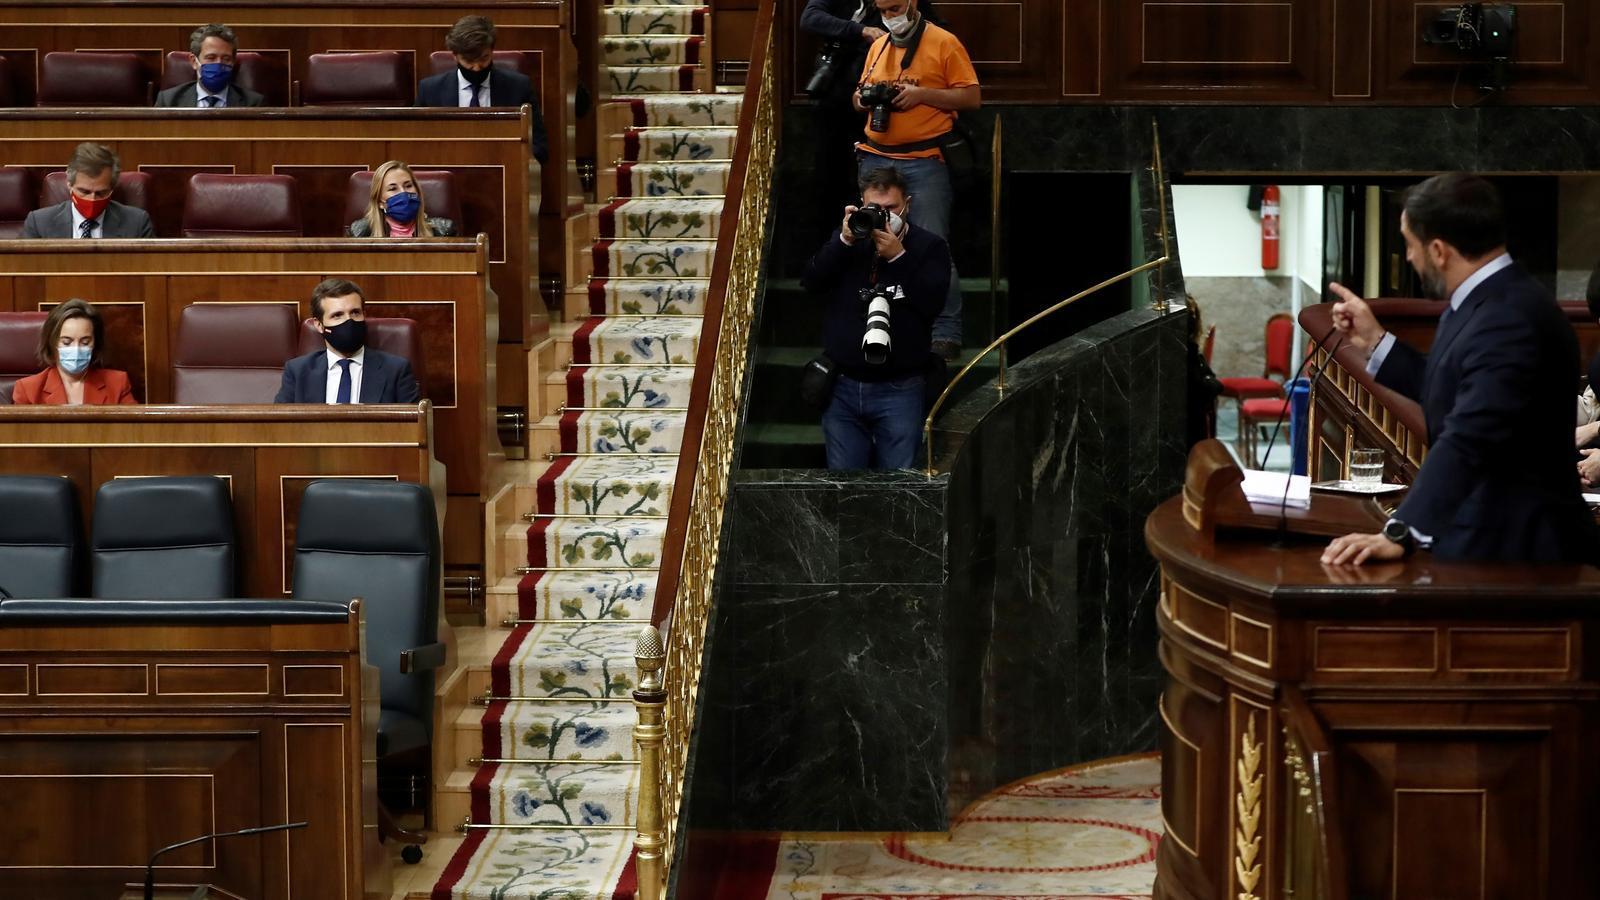 La moció fallida de Vox escenifica el divorci de la dreta espanyola